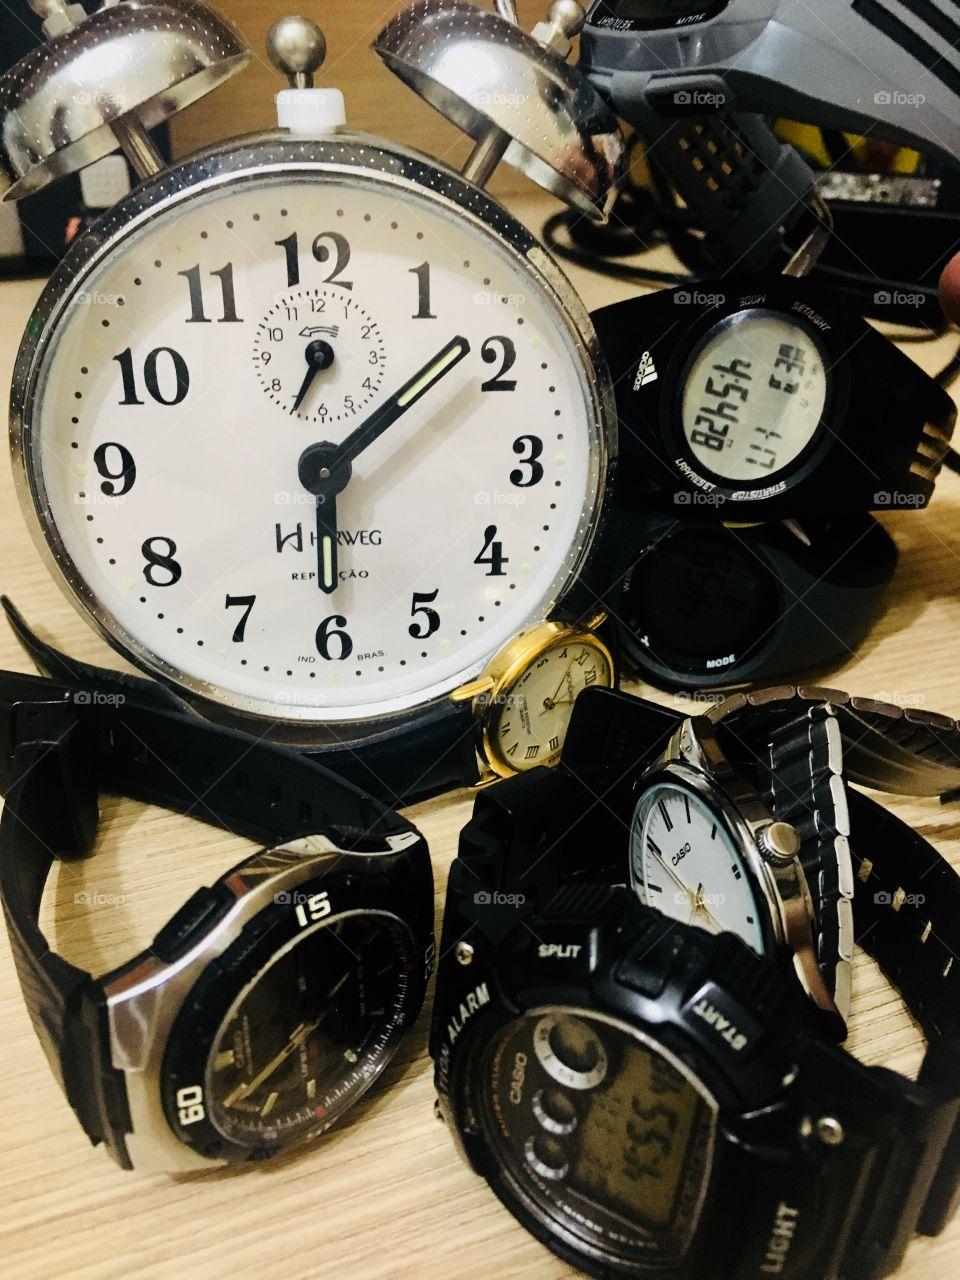 Muitos, muitos e muitos relógios. Que horas são?